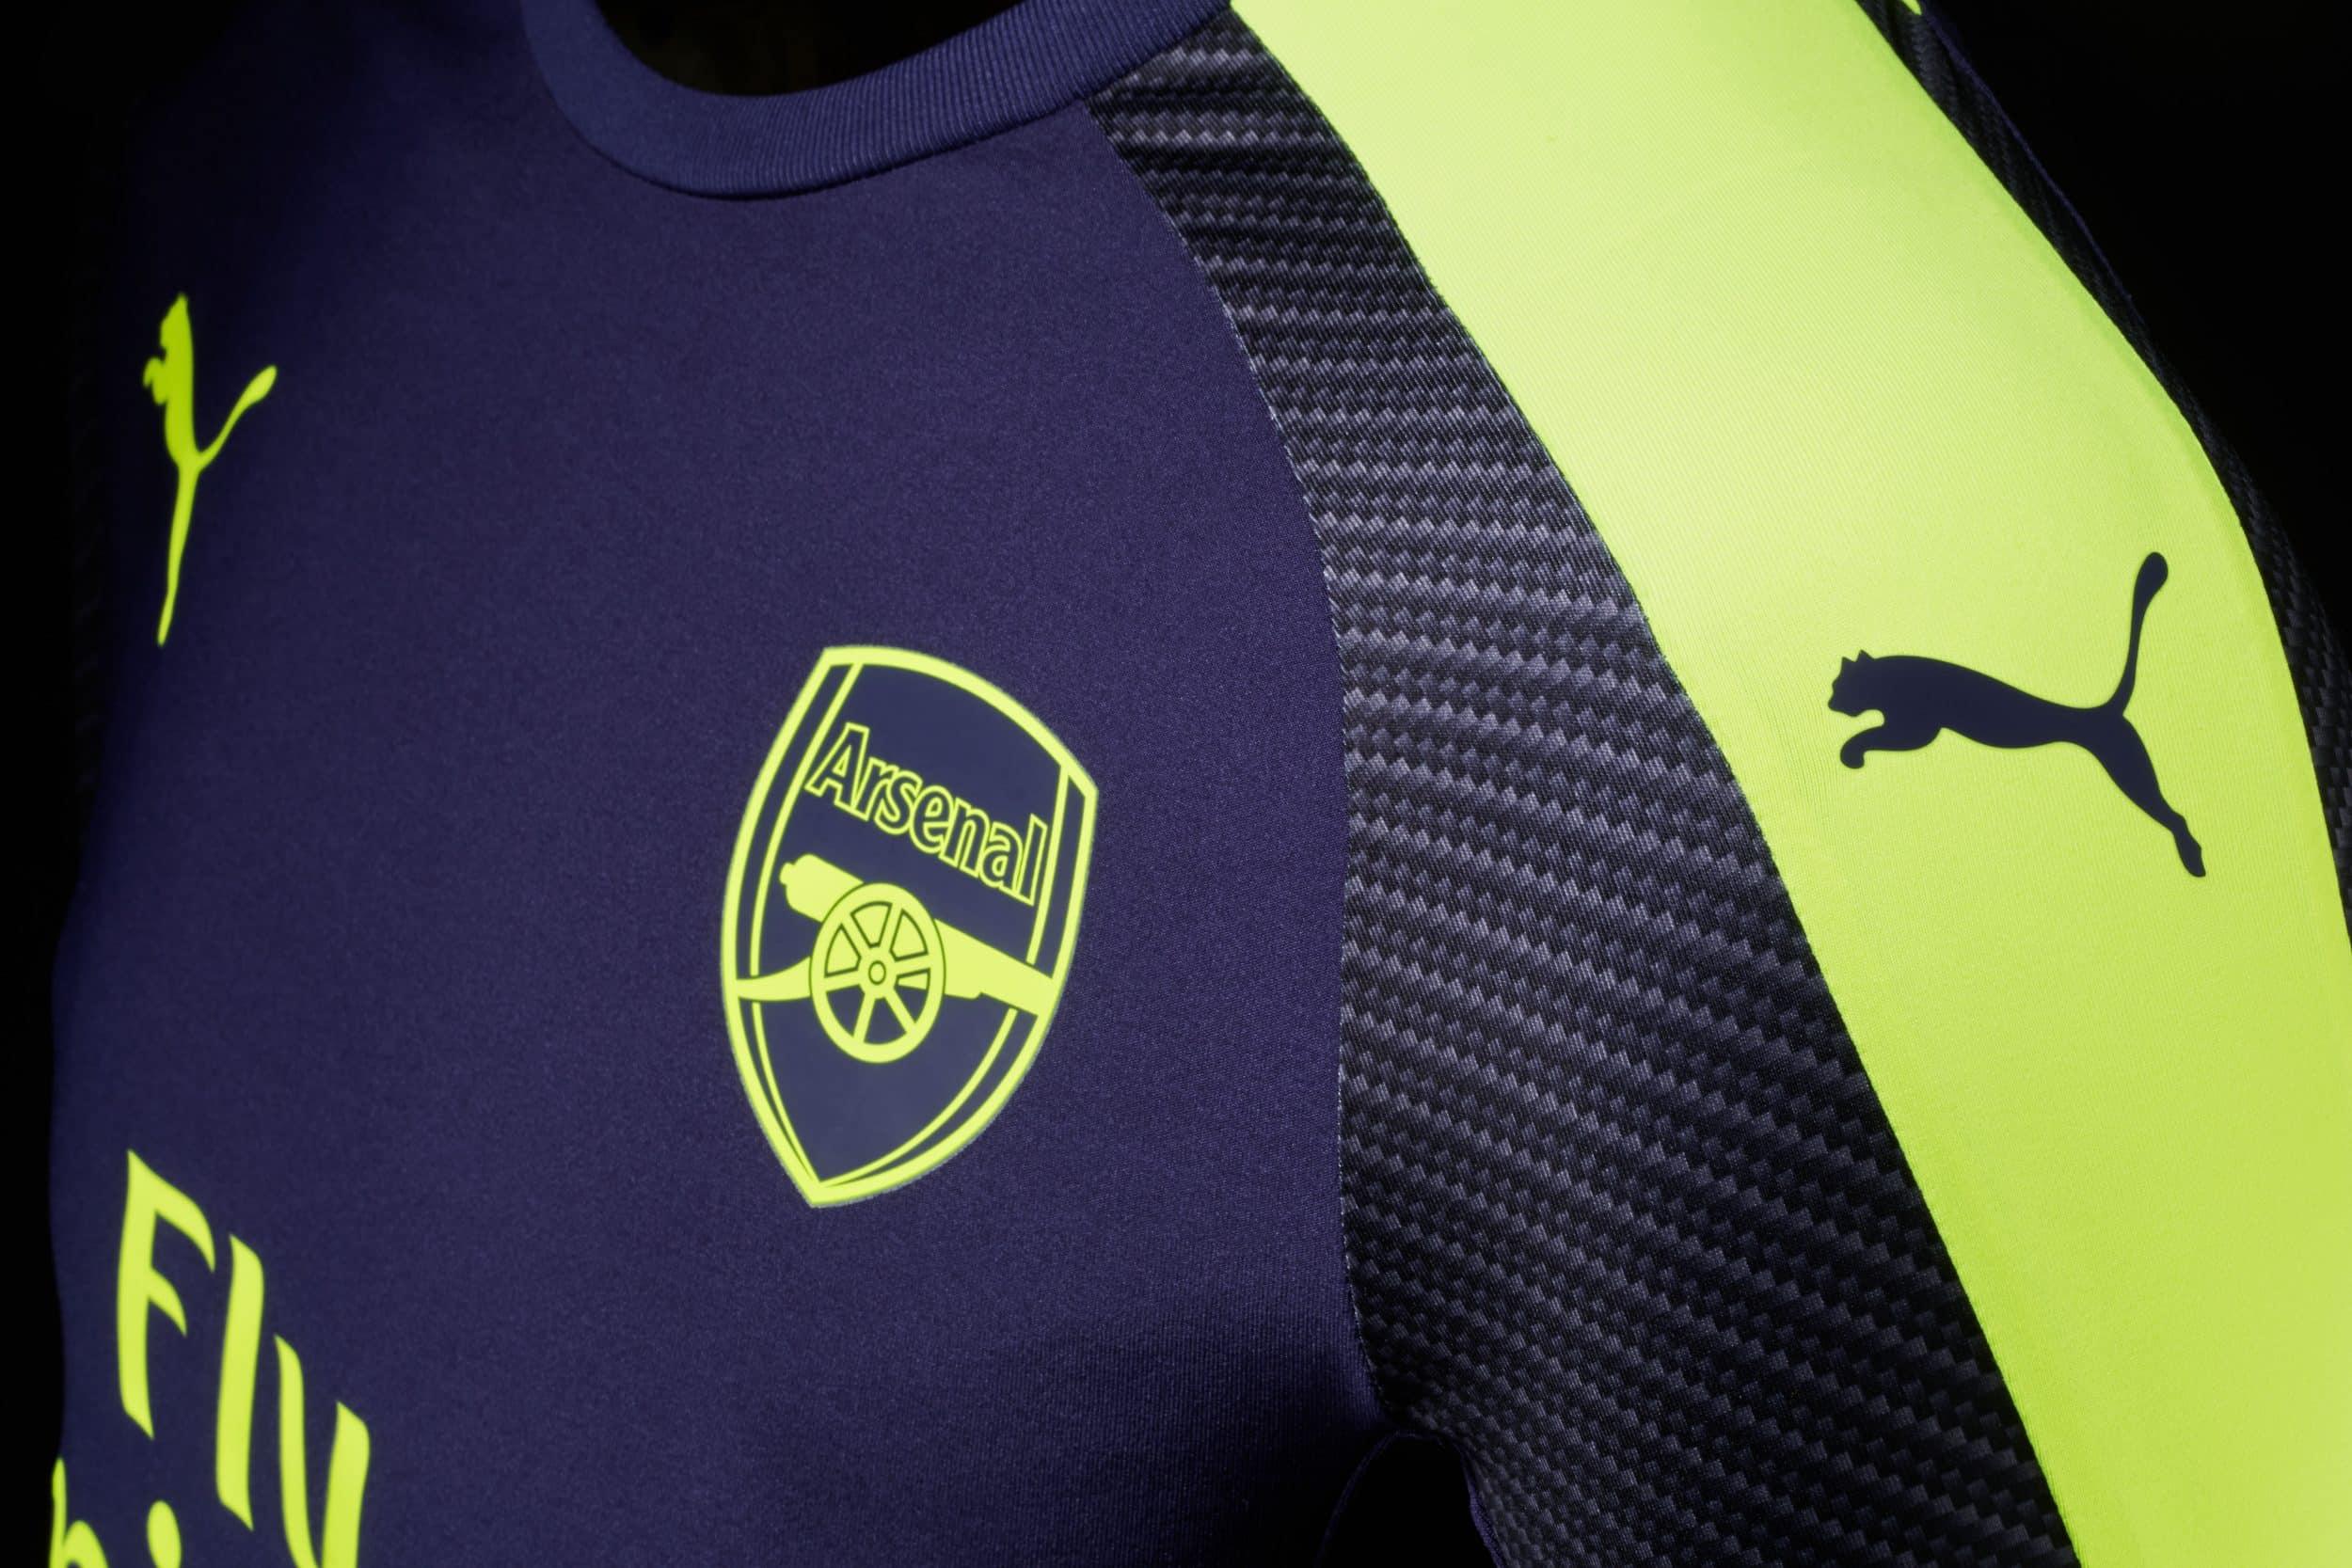 Maillot Extérieur Arsenal Vestes